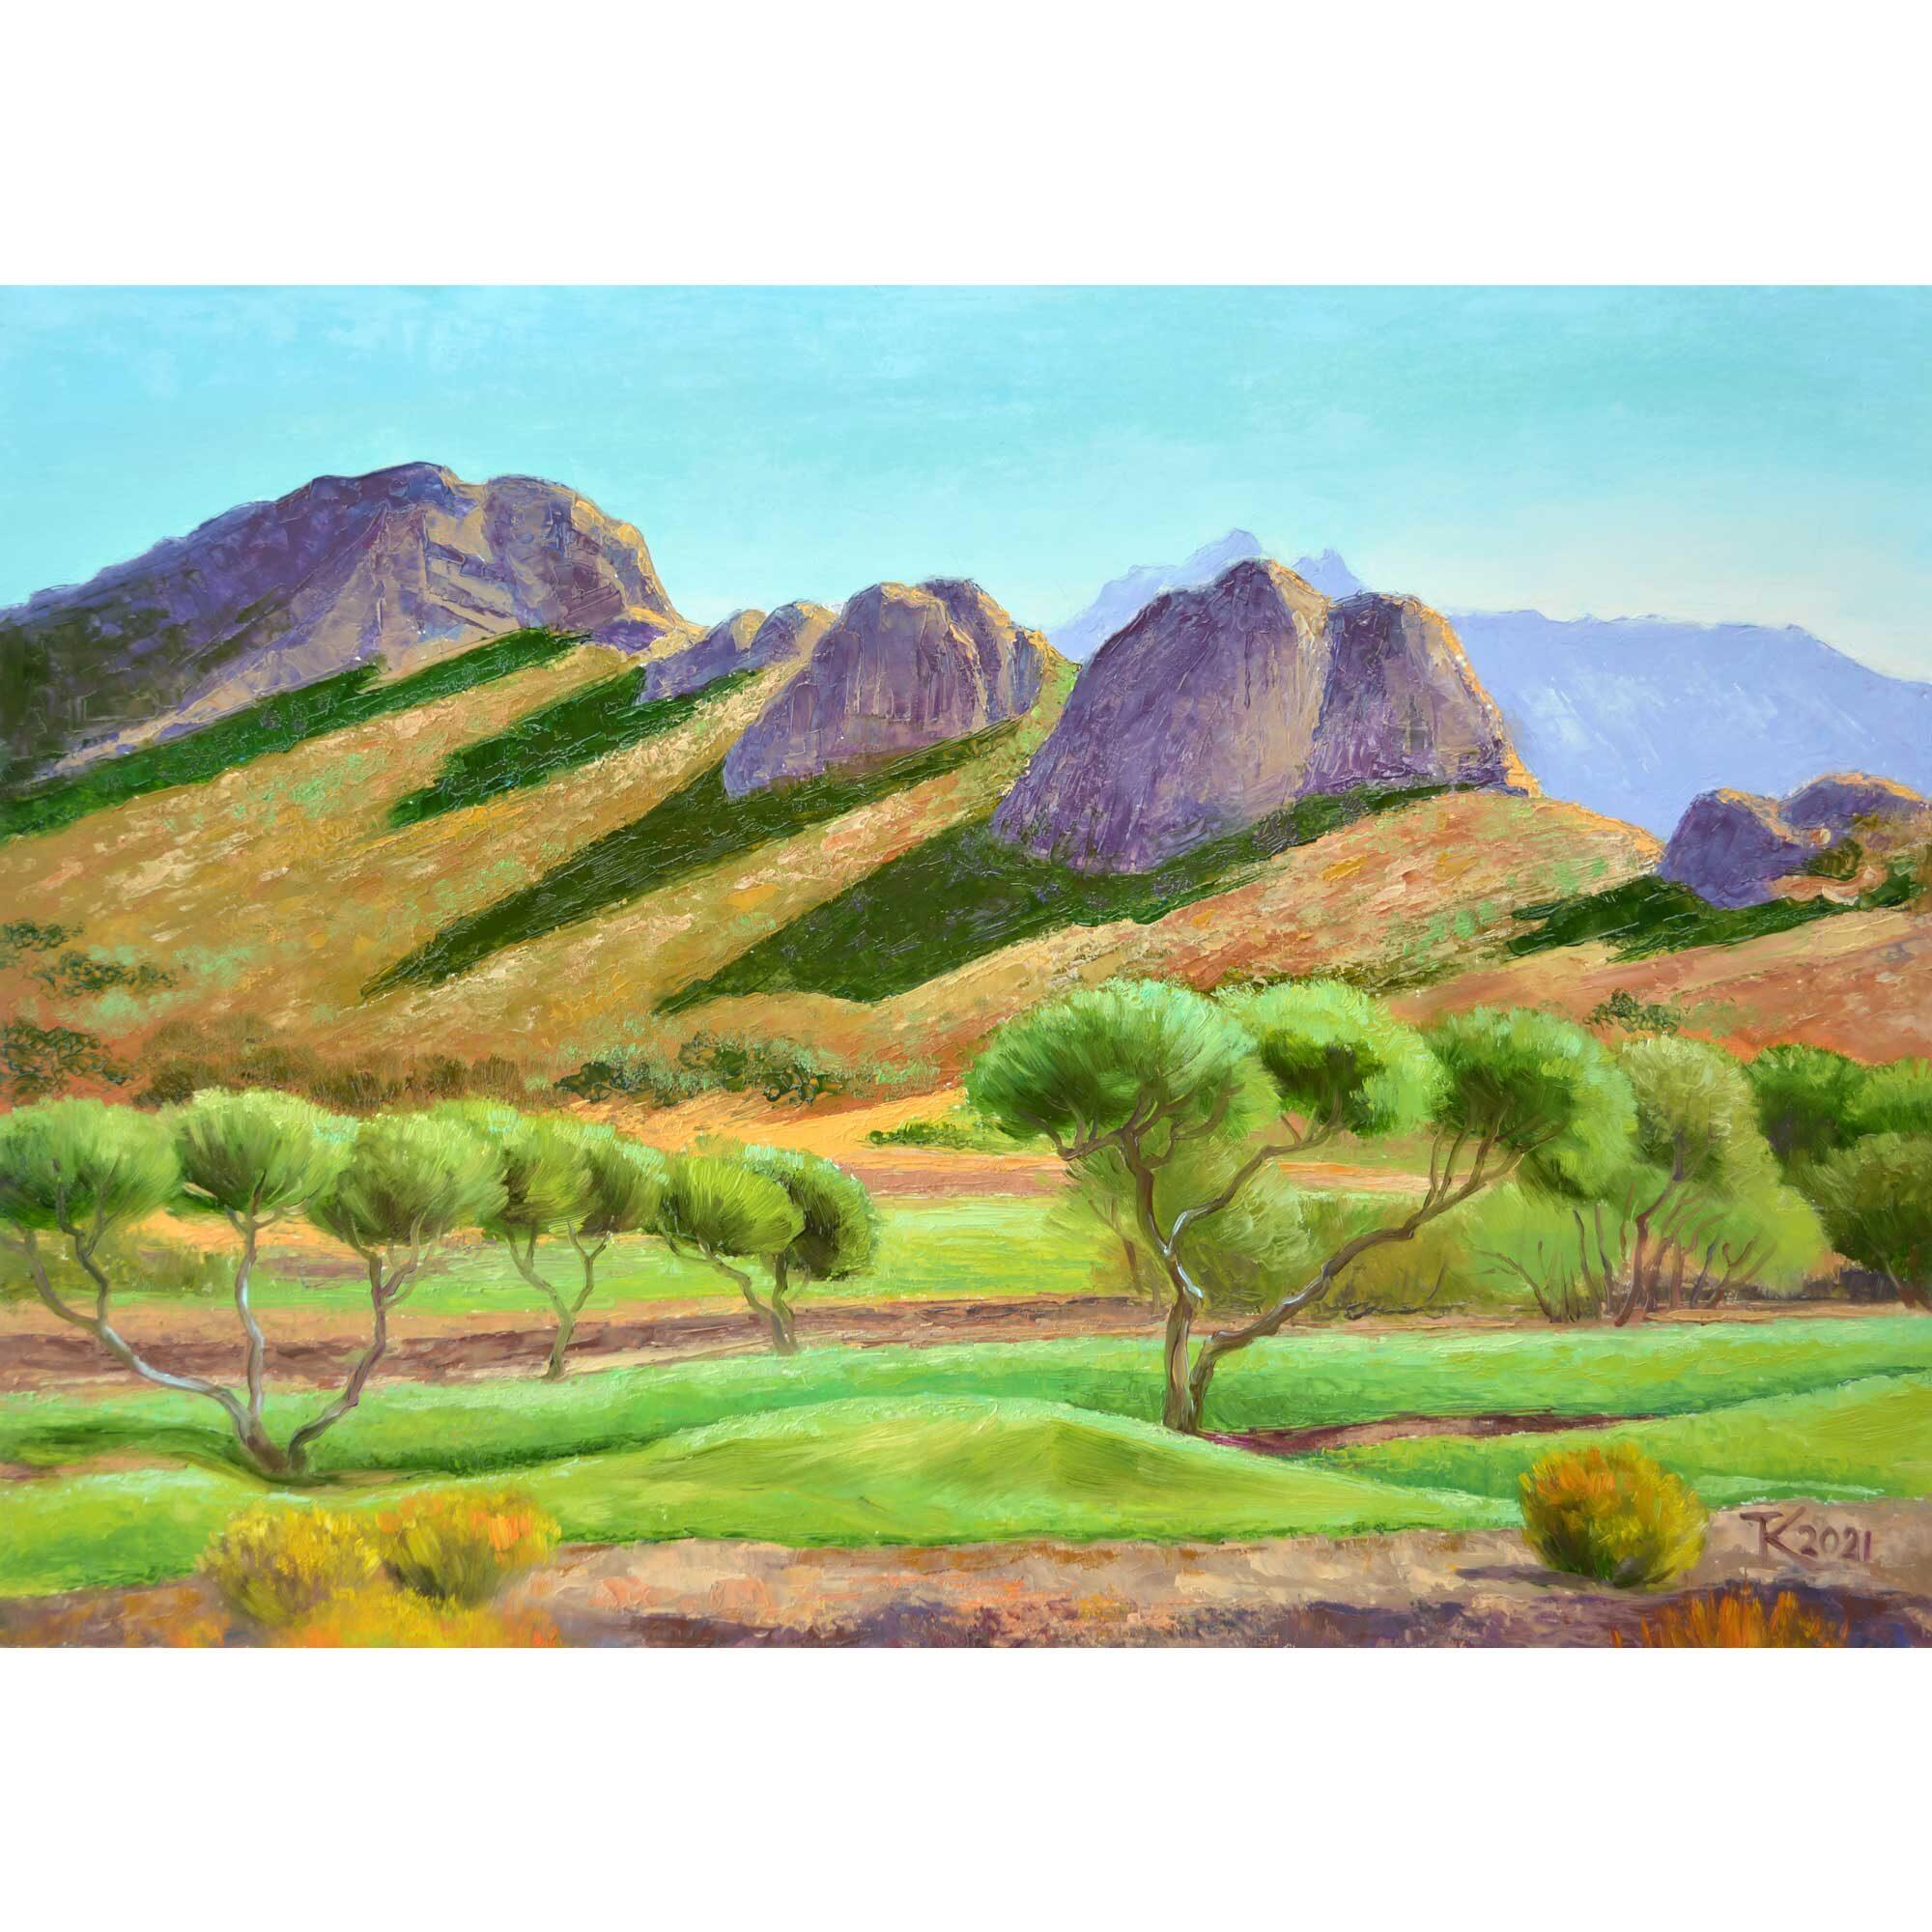 Тетяна Кучмій. Гора Динозавр, Арізона. 2021